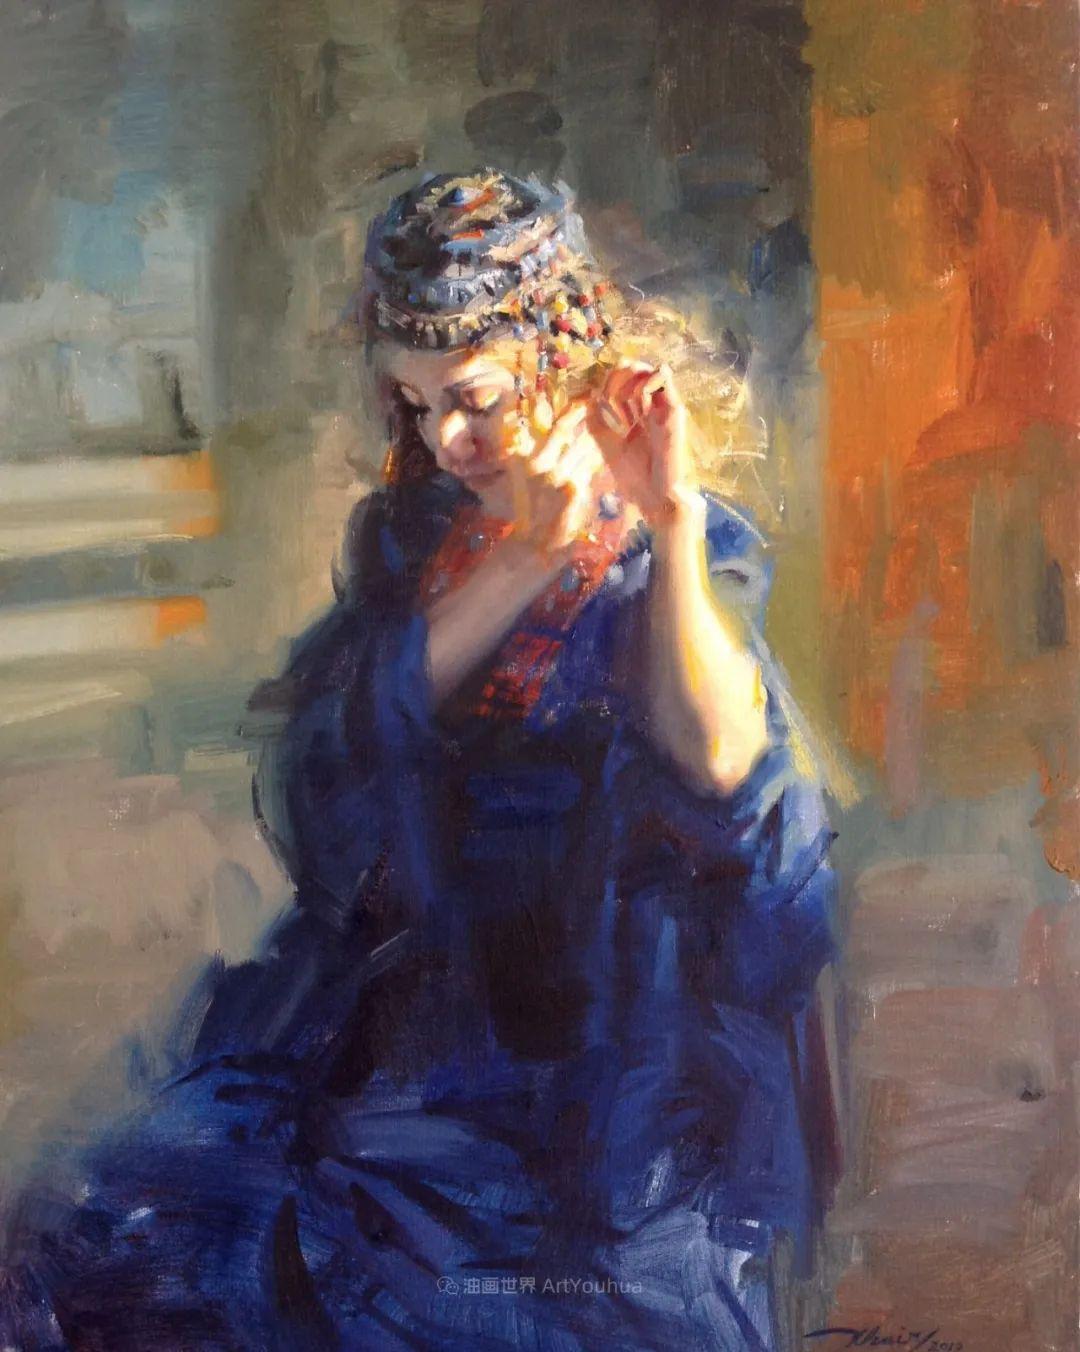 穿着传统服装的库尔德女人,美得别有一番风味!插图9